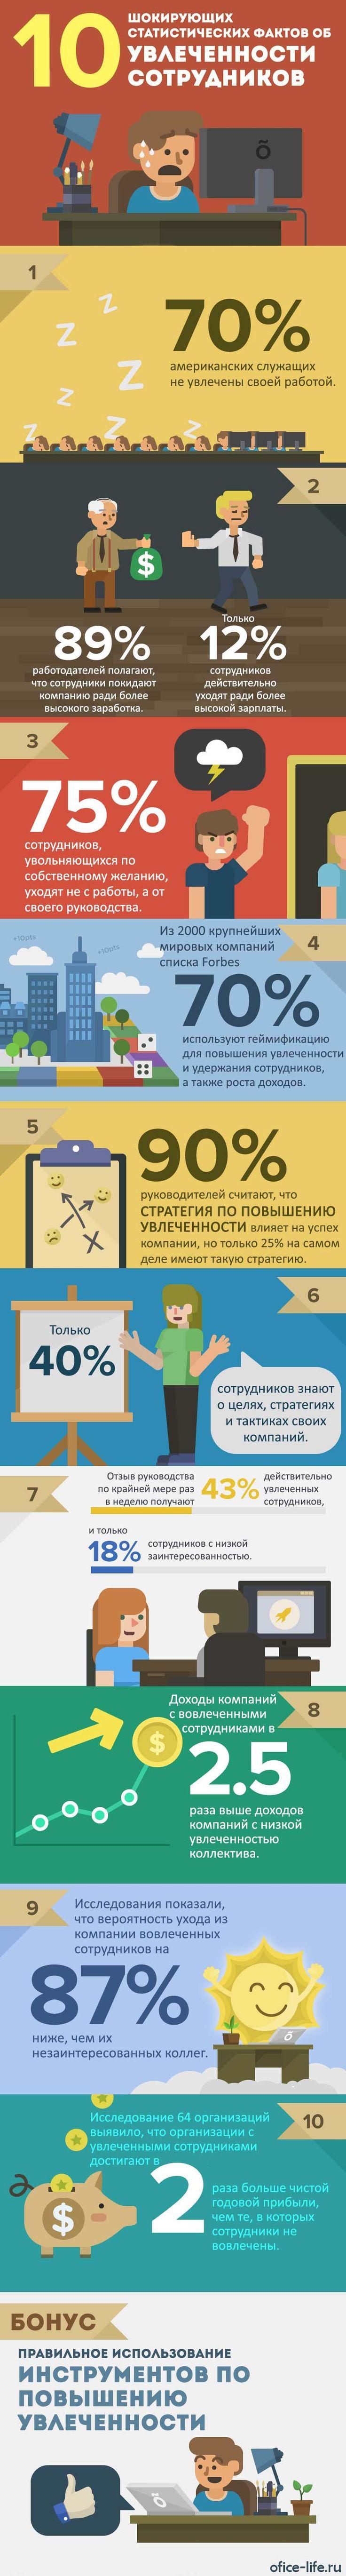 10 фактов об увлеченности сотрудников